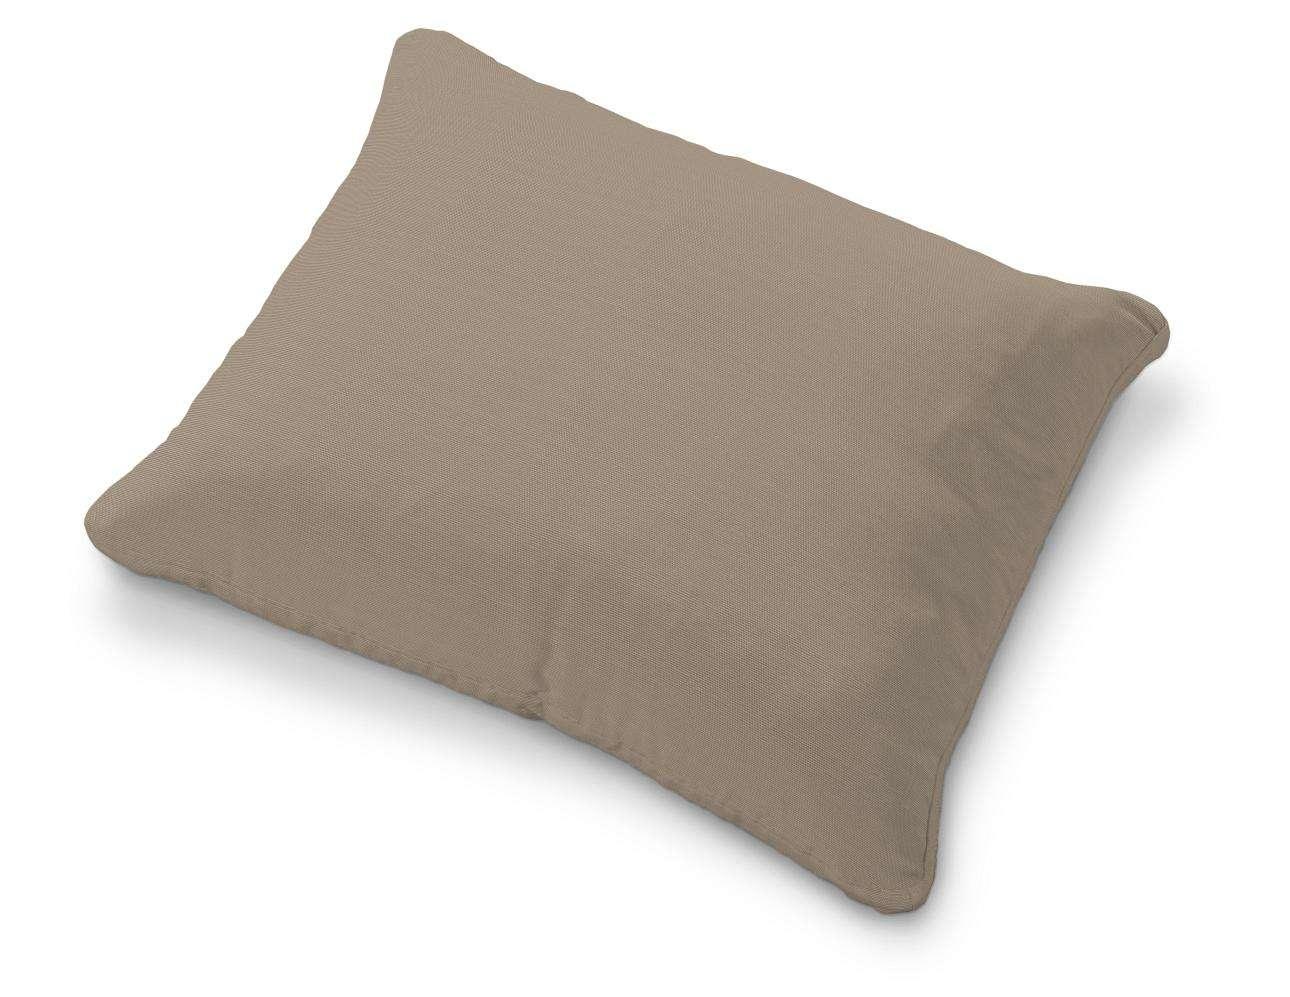 Poszewka na poduszkę Karlstad 58x48cm w kolekcji Cotton Panama, tkanina: 702-28